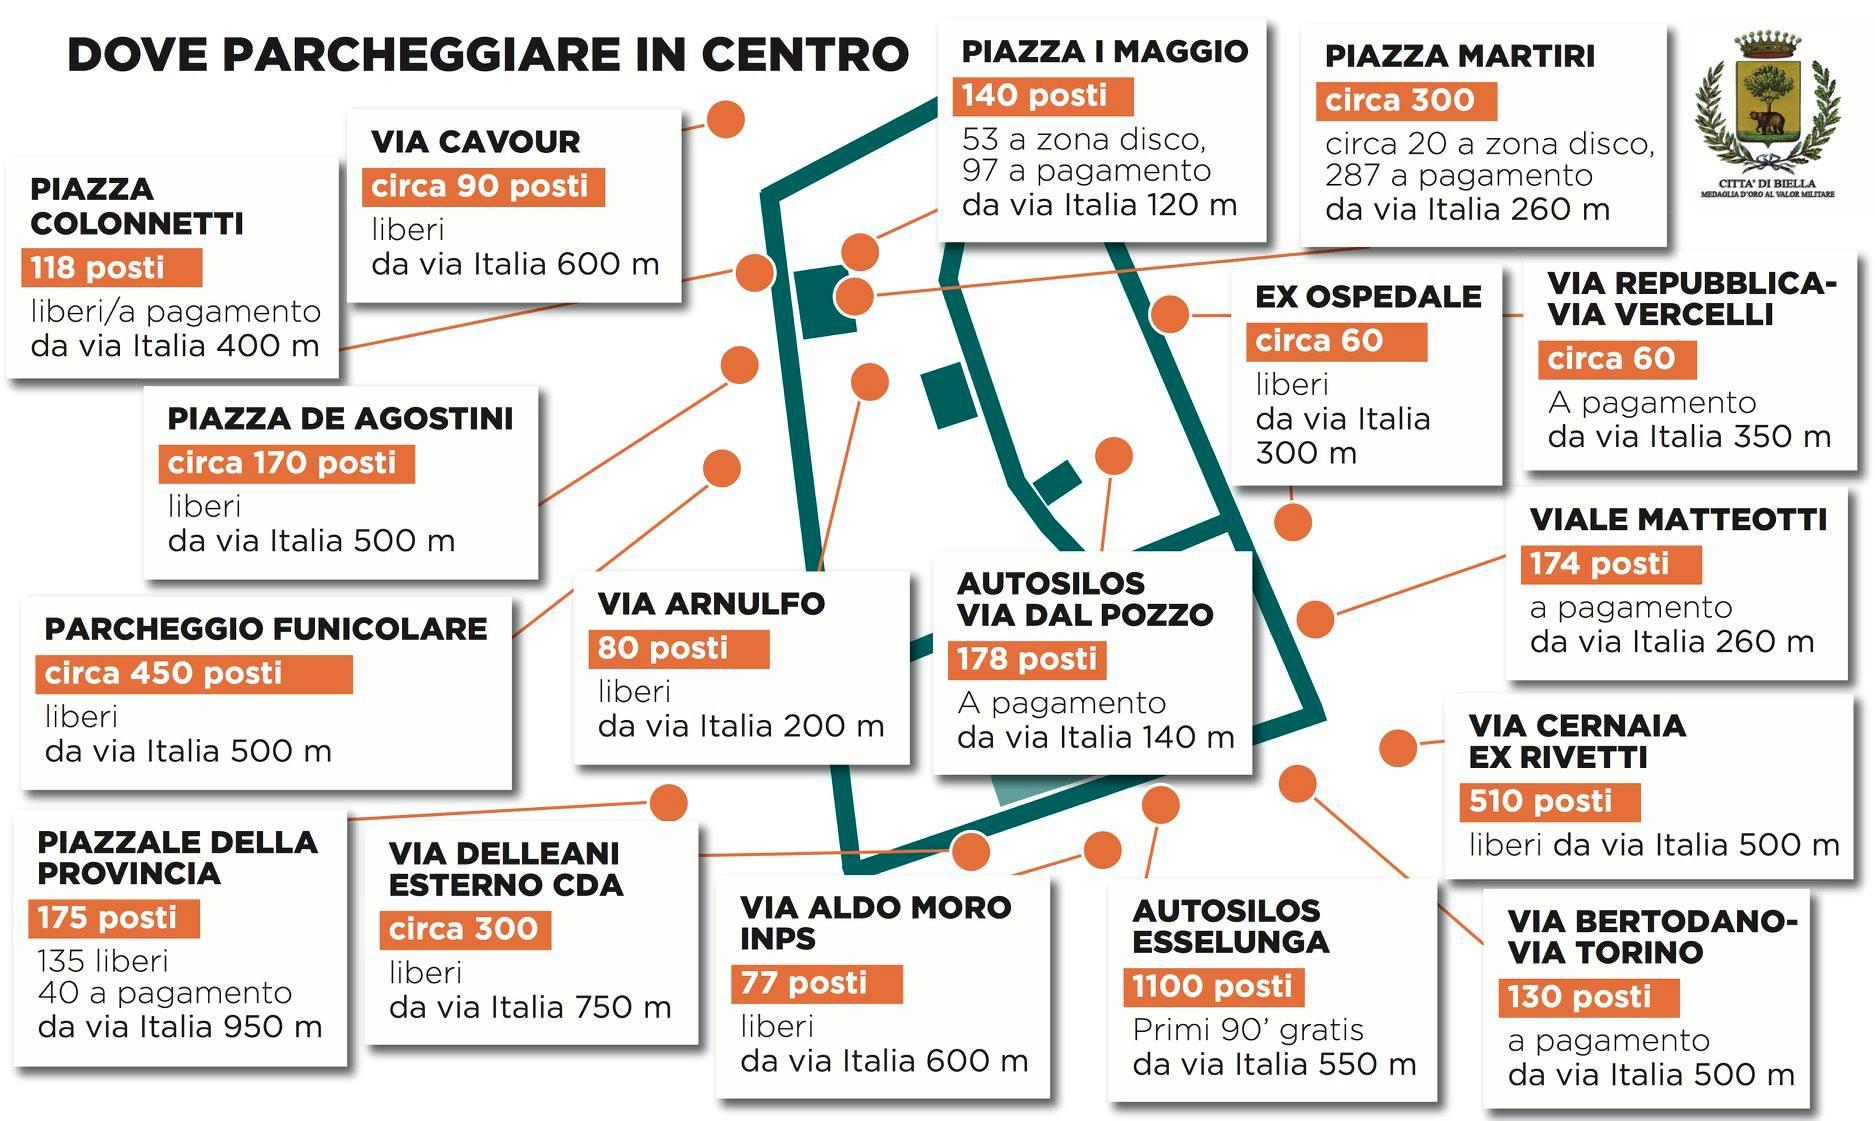 La mappa dei parcheggi attorno al centro storico